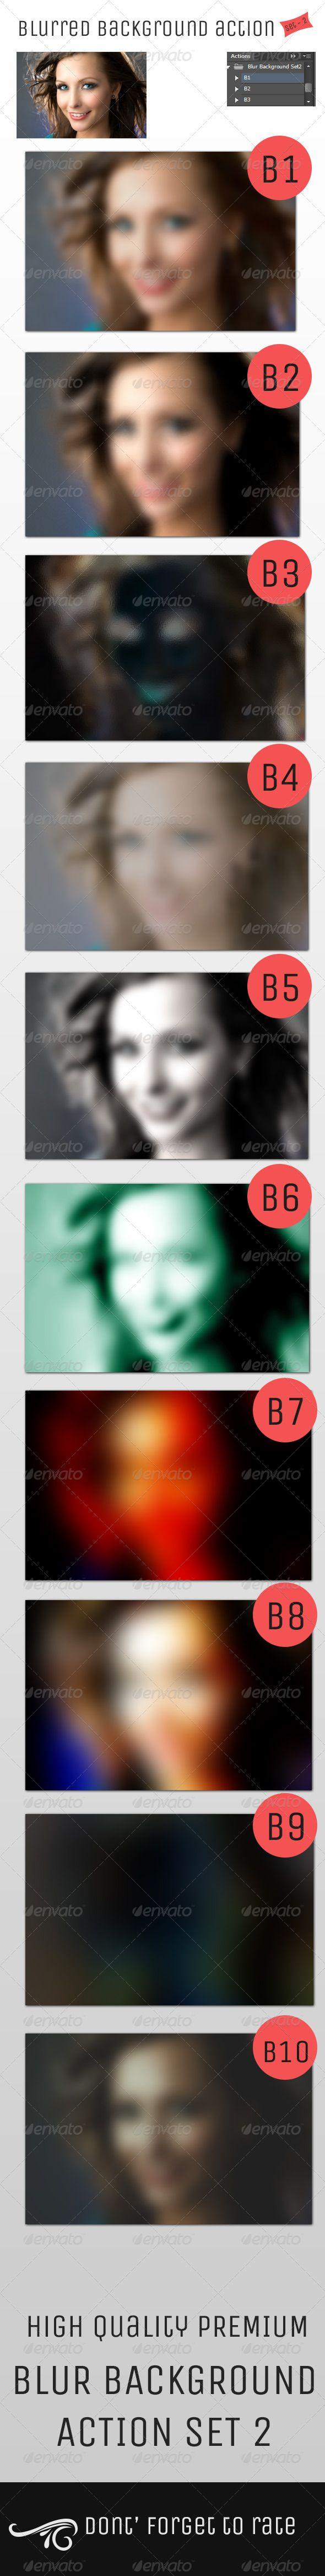 Blur Background Action Set V2